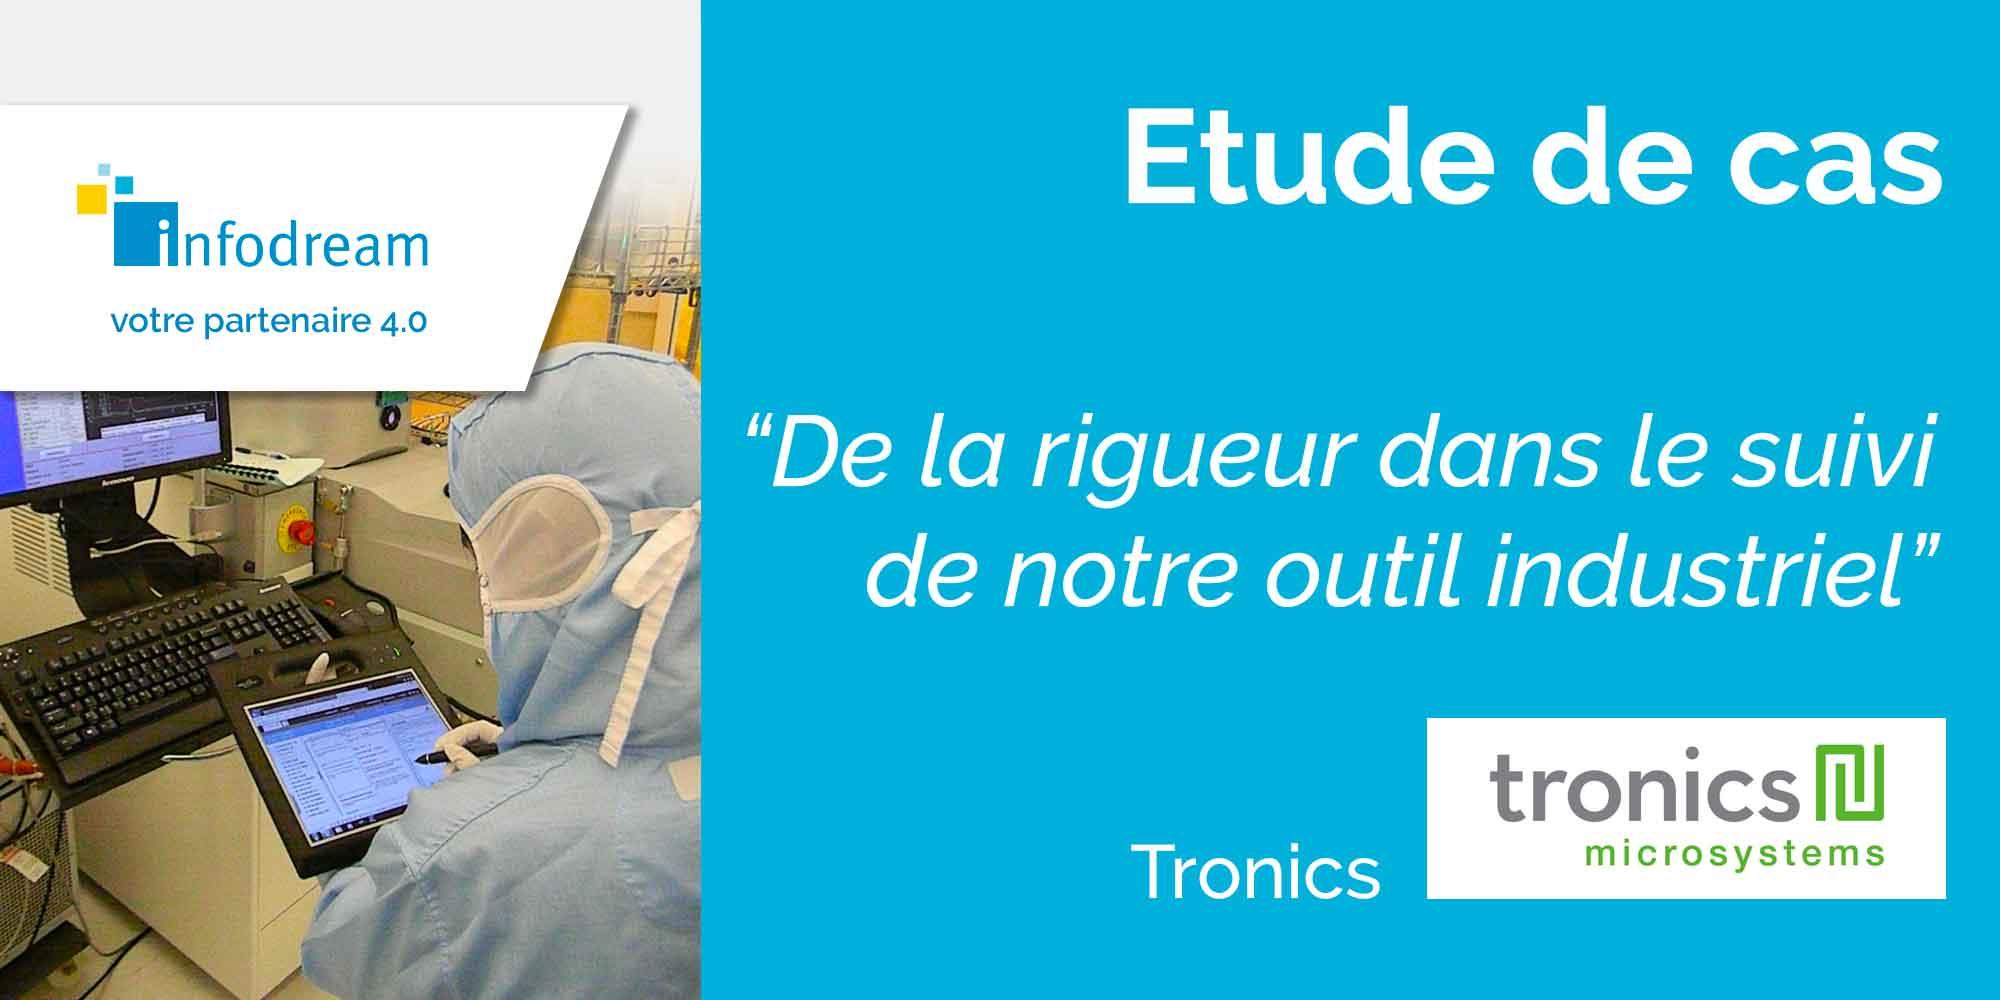 Tronics Apporte De La Rigueur Dans Le Suivi De Son Outil Industriel Avec Le MES Qualaxy D'Infodream